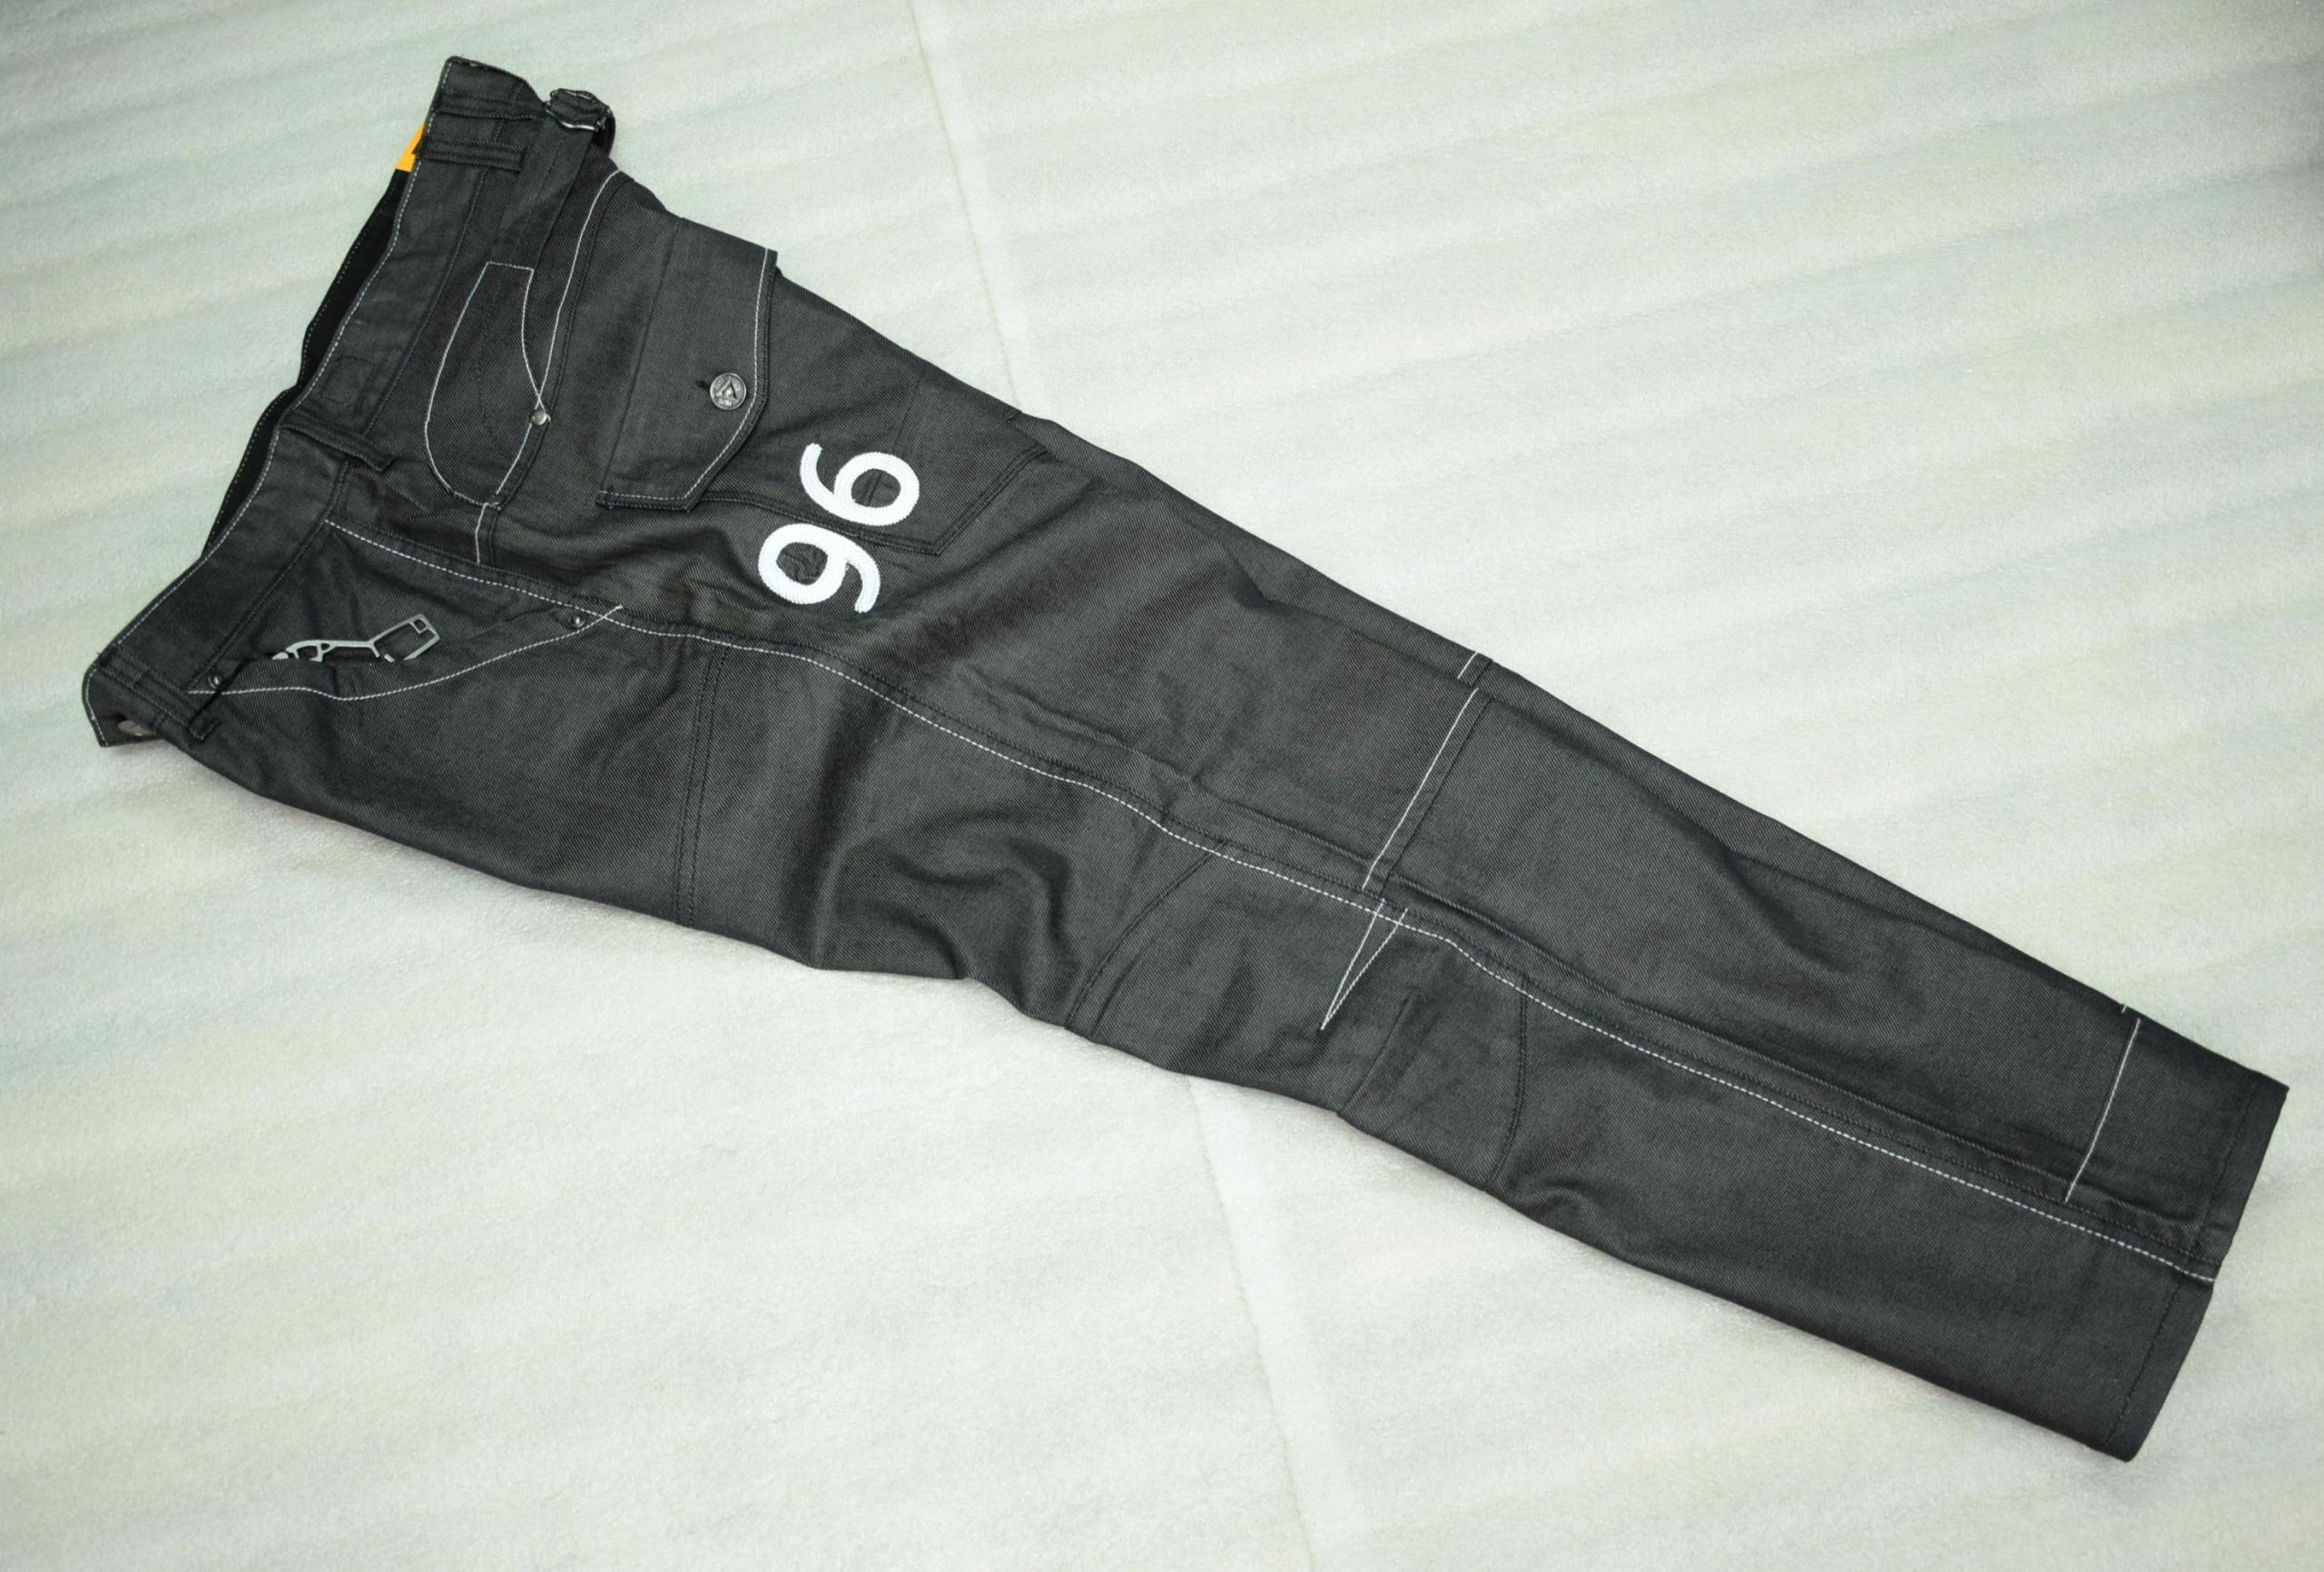 G-STAR RAW 3301 EMBRO TAPERED Spodnie NEW 40/32.